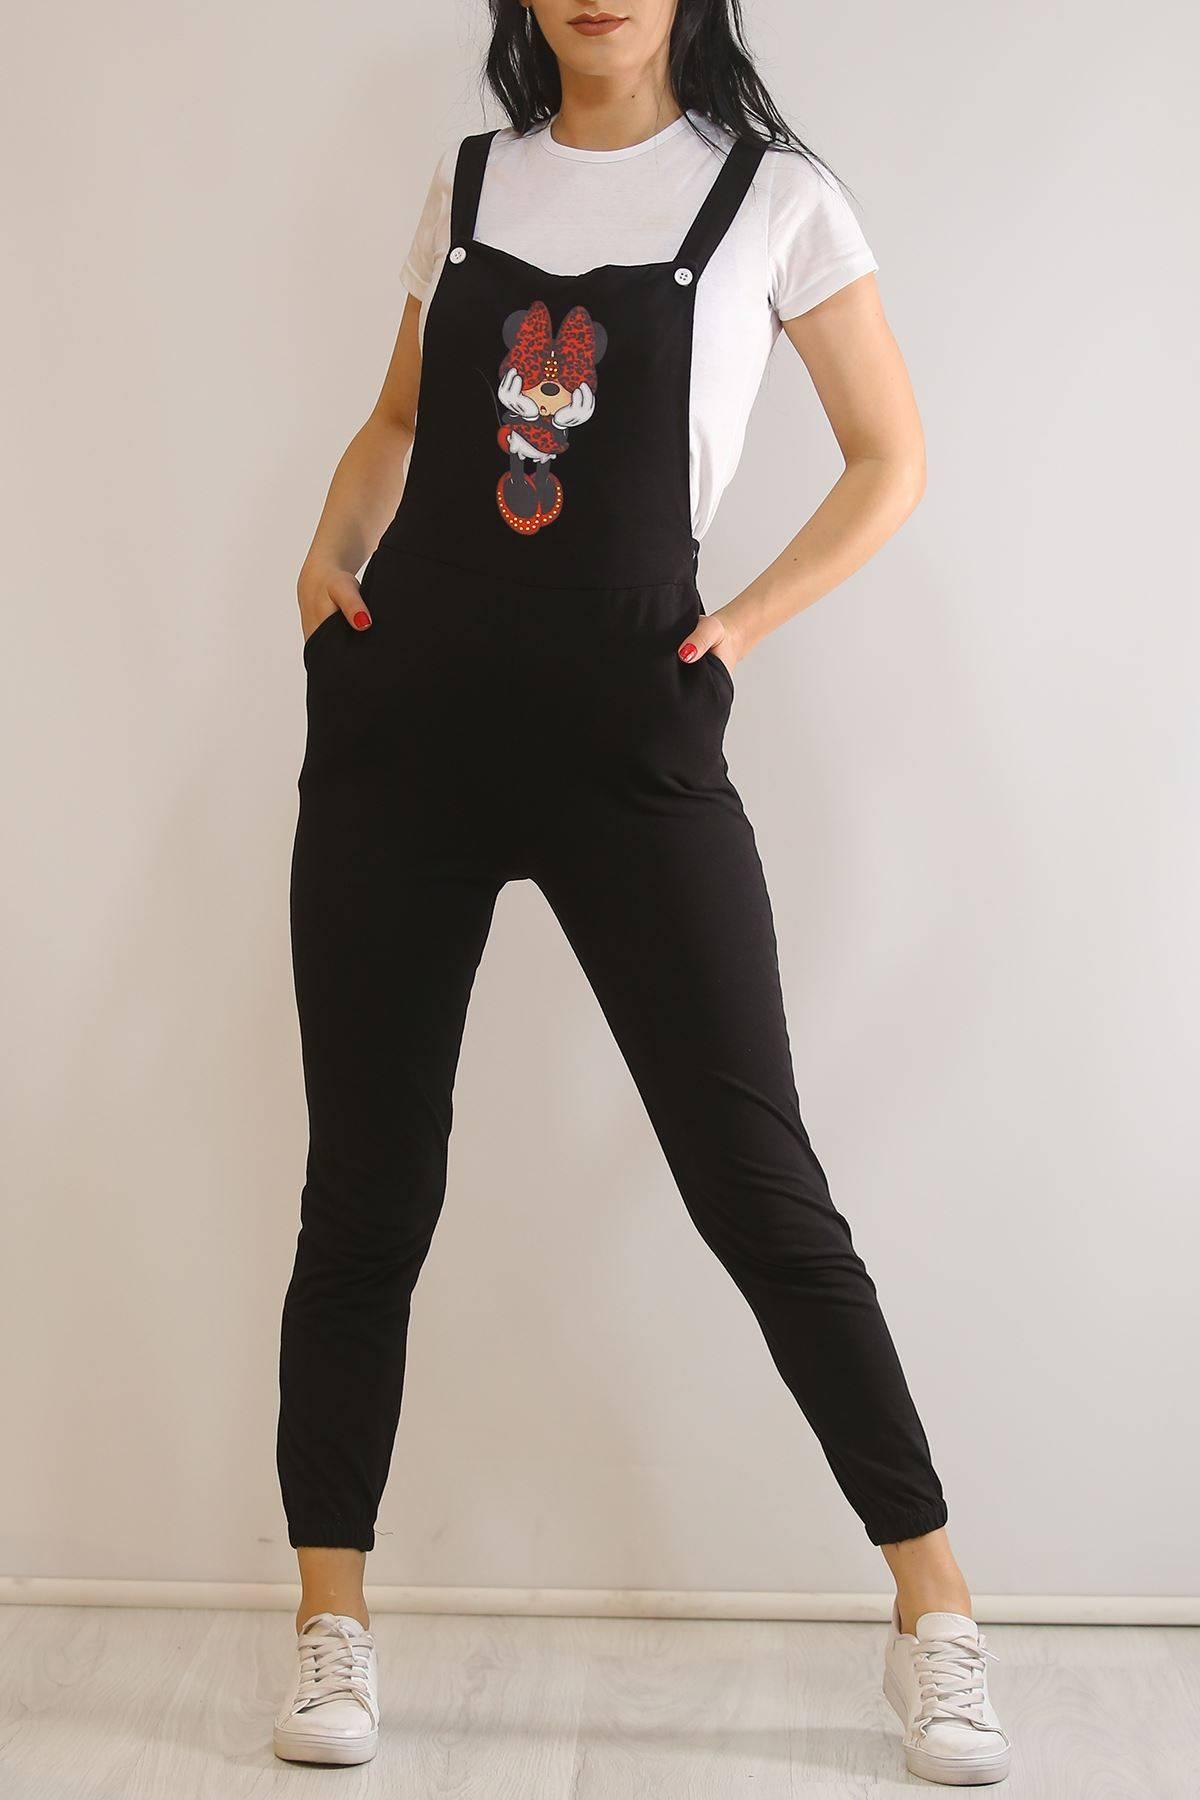 Salopet İkili Takım Siyah - 5993.1059.